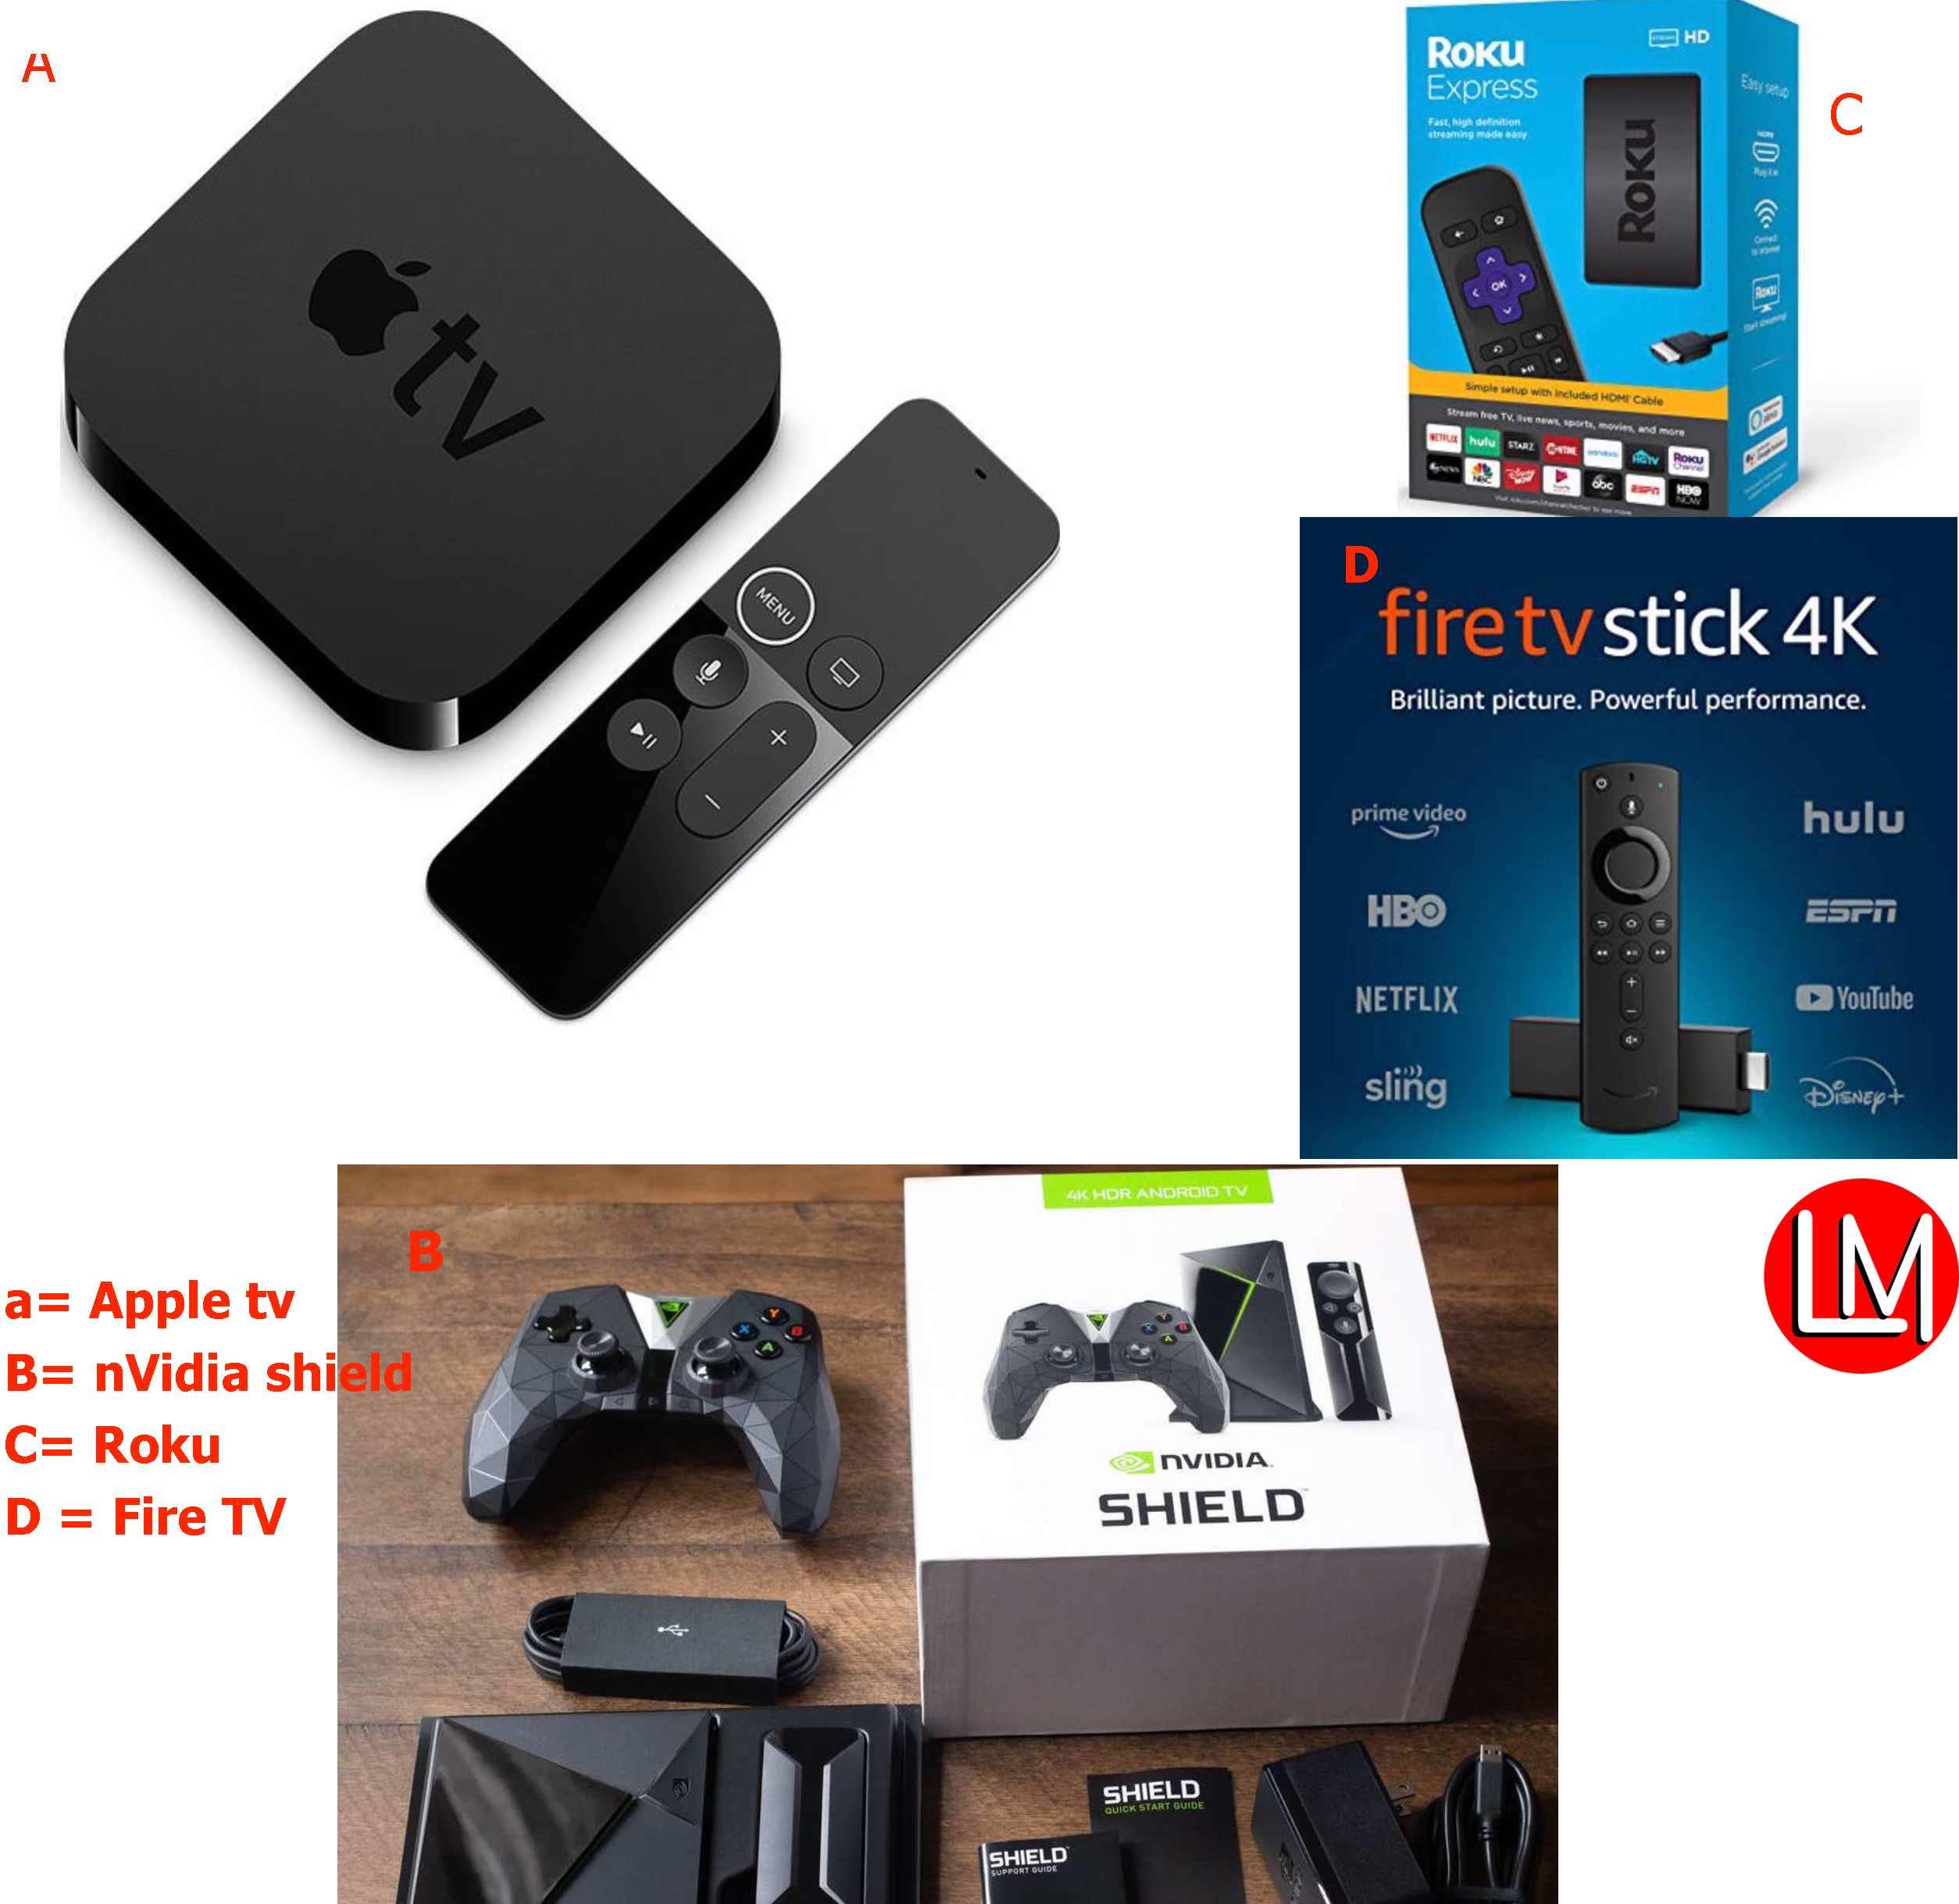 Apple TV vs Nvidia Shield vs Fire TV vs Roku